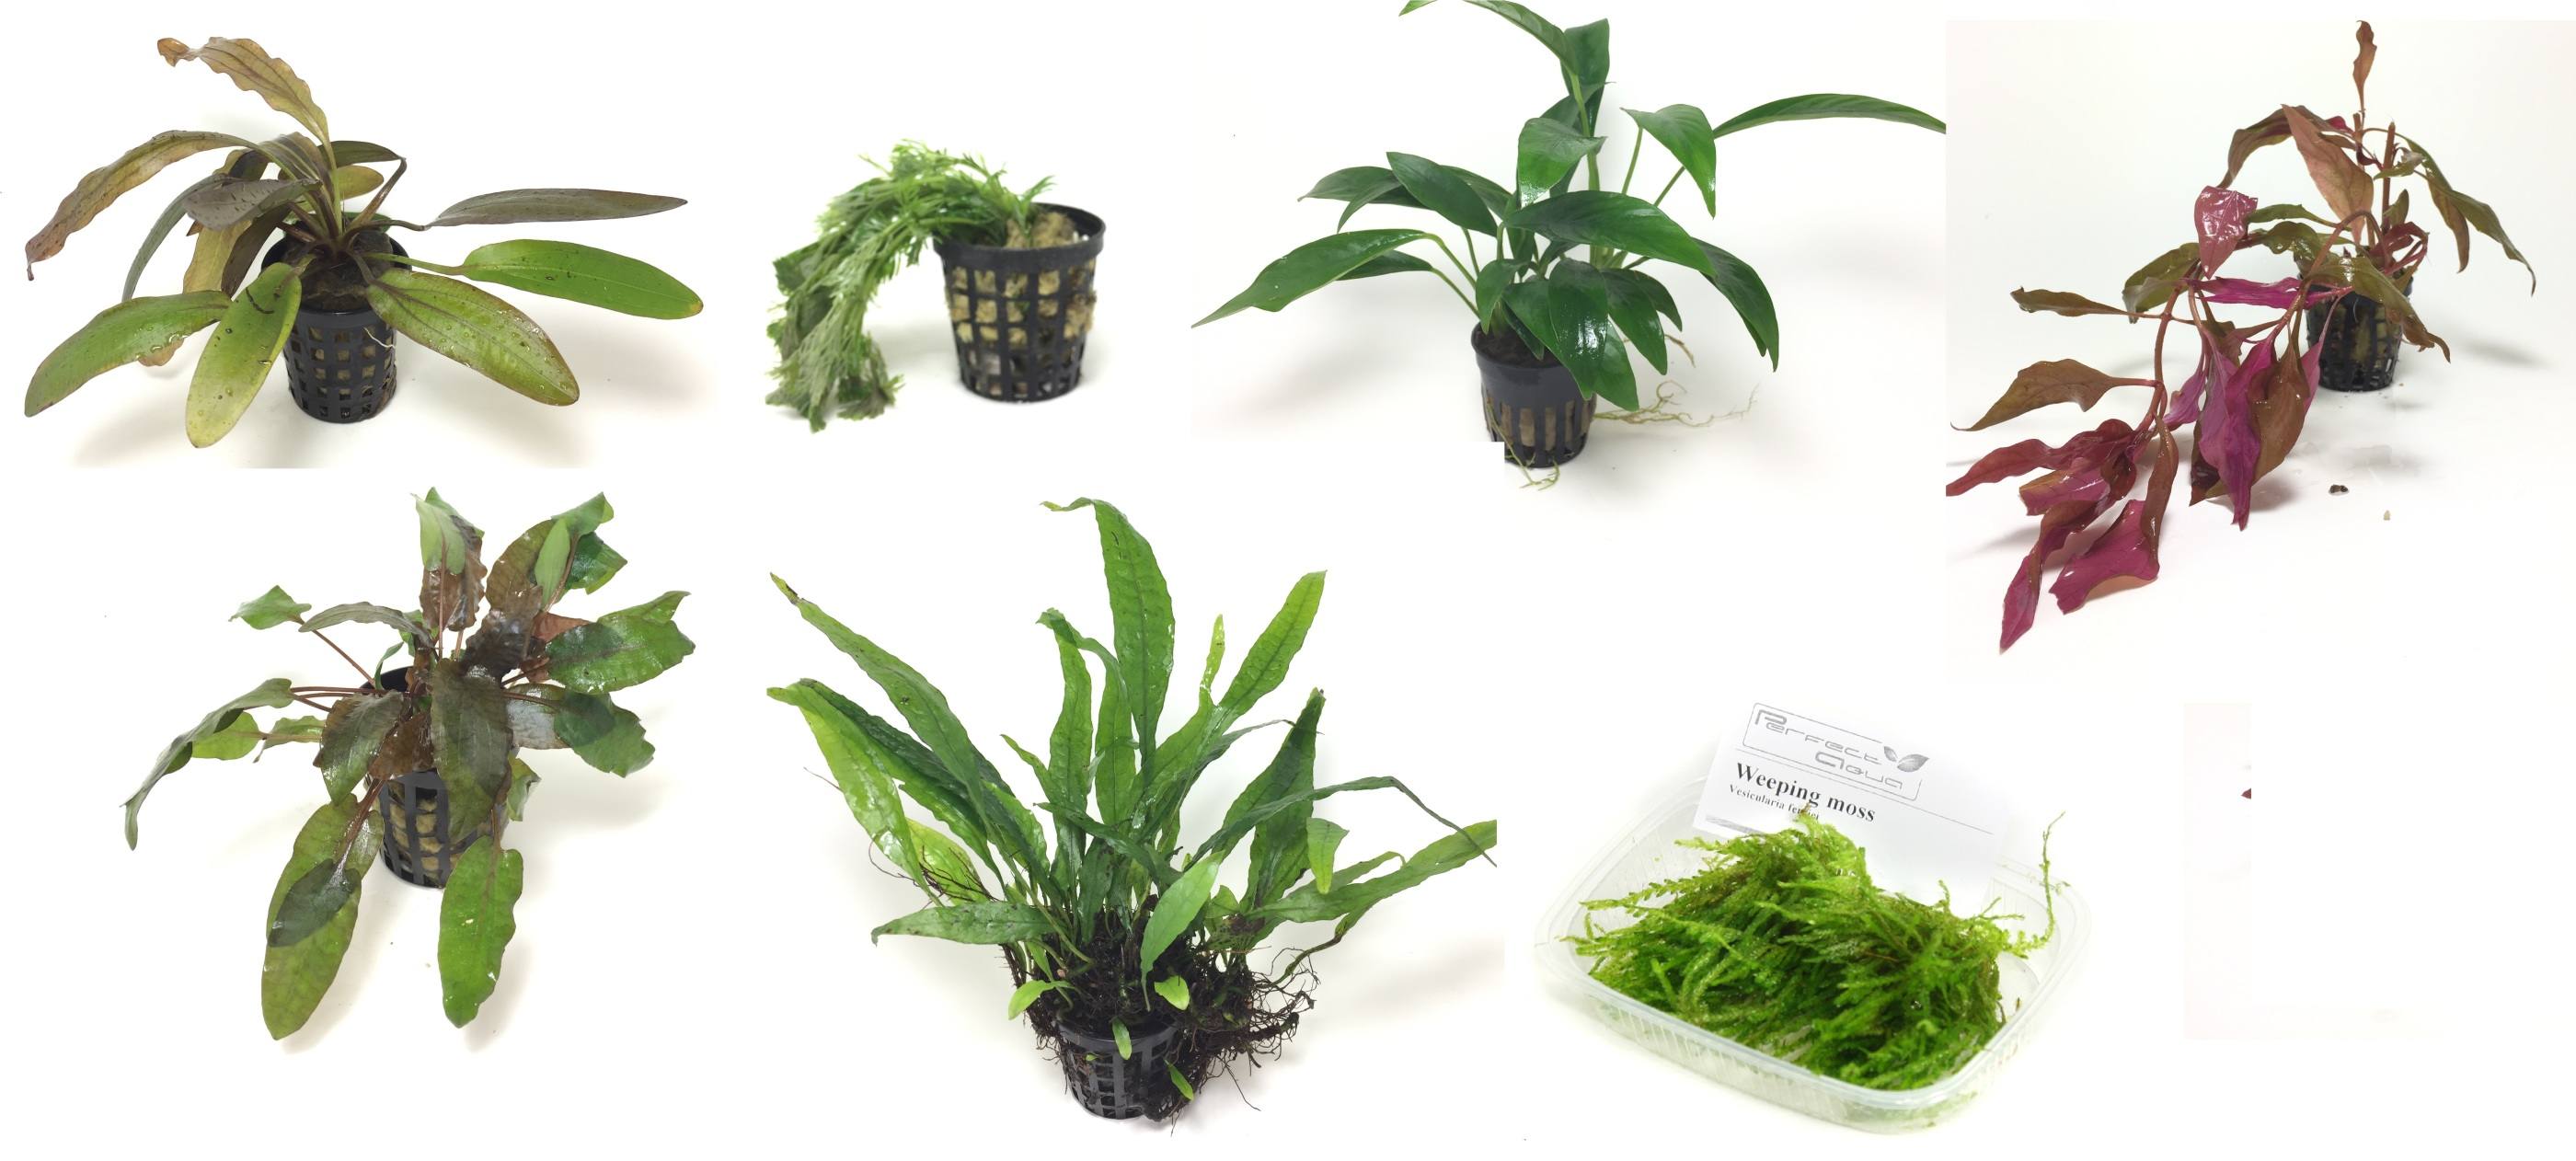 Växtpaket7vxtr